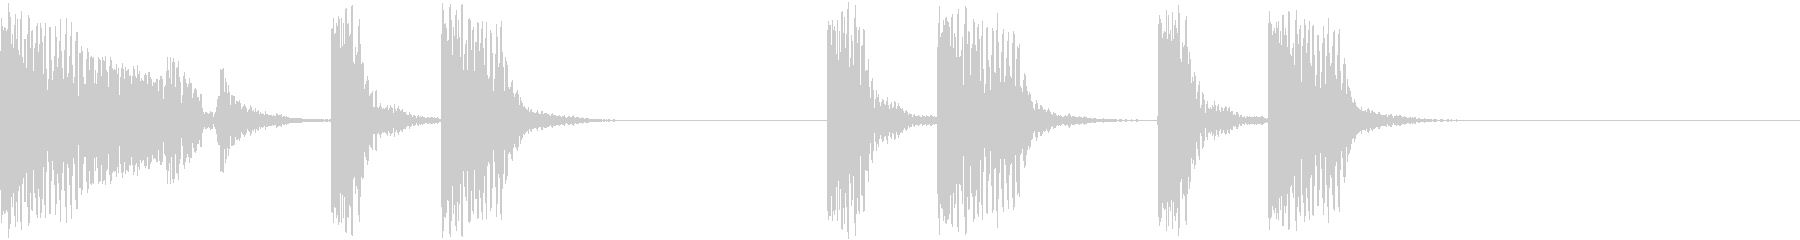 ドゥバドドッドドッドドの未再生の波形